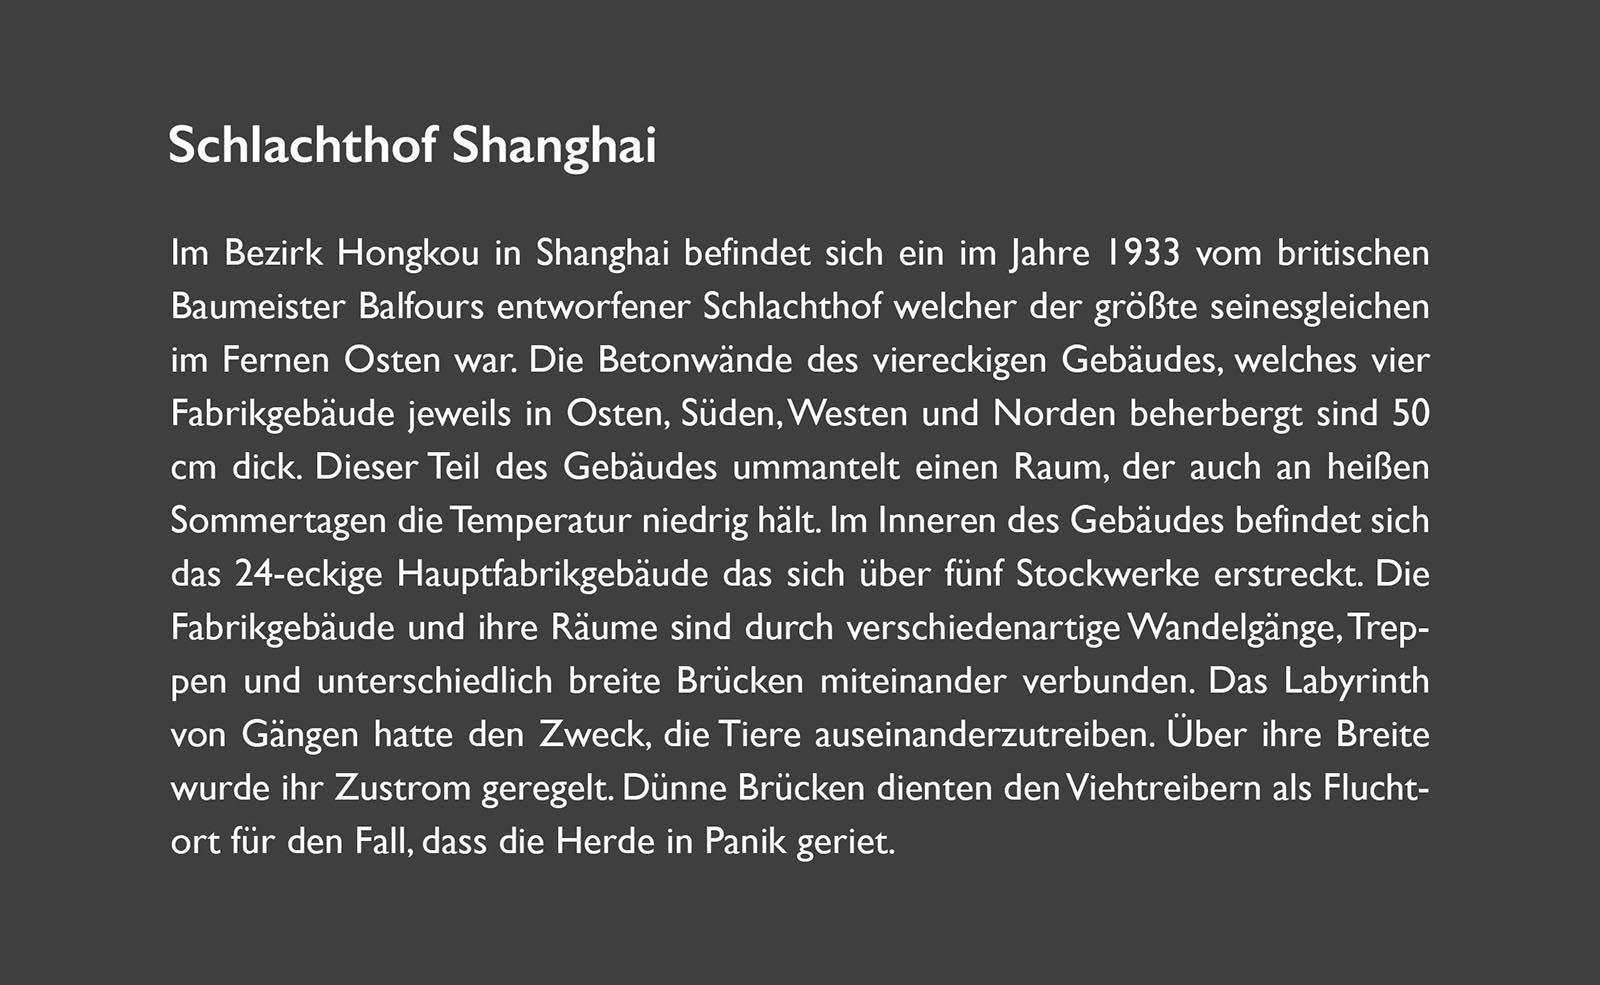 SCHLACHTHOF SHANGHAI